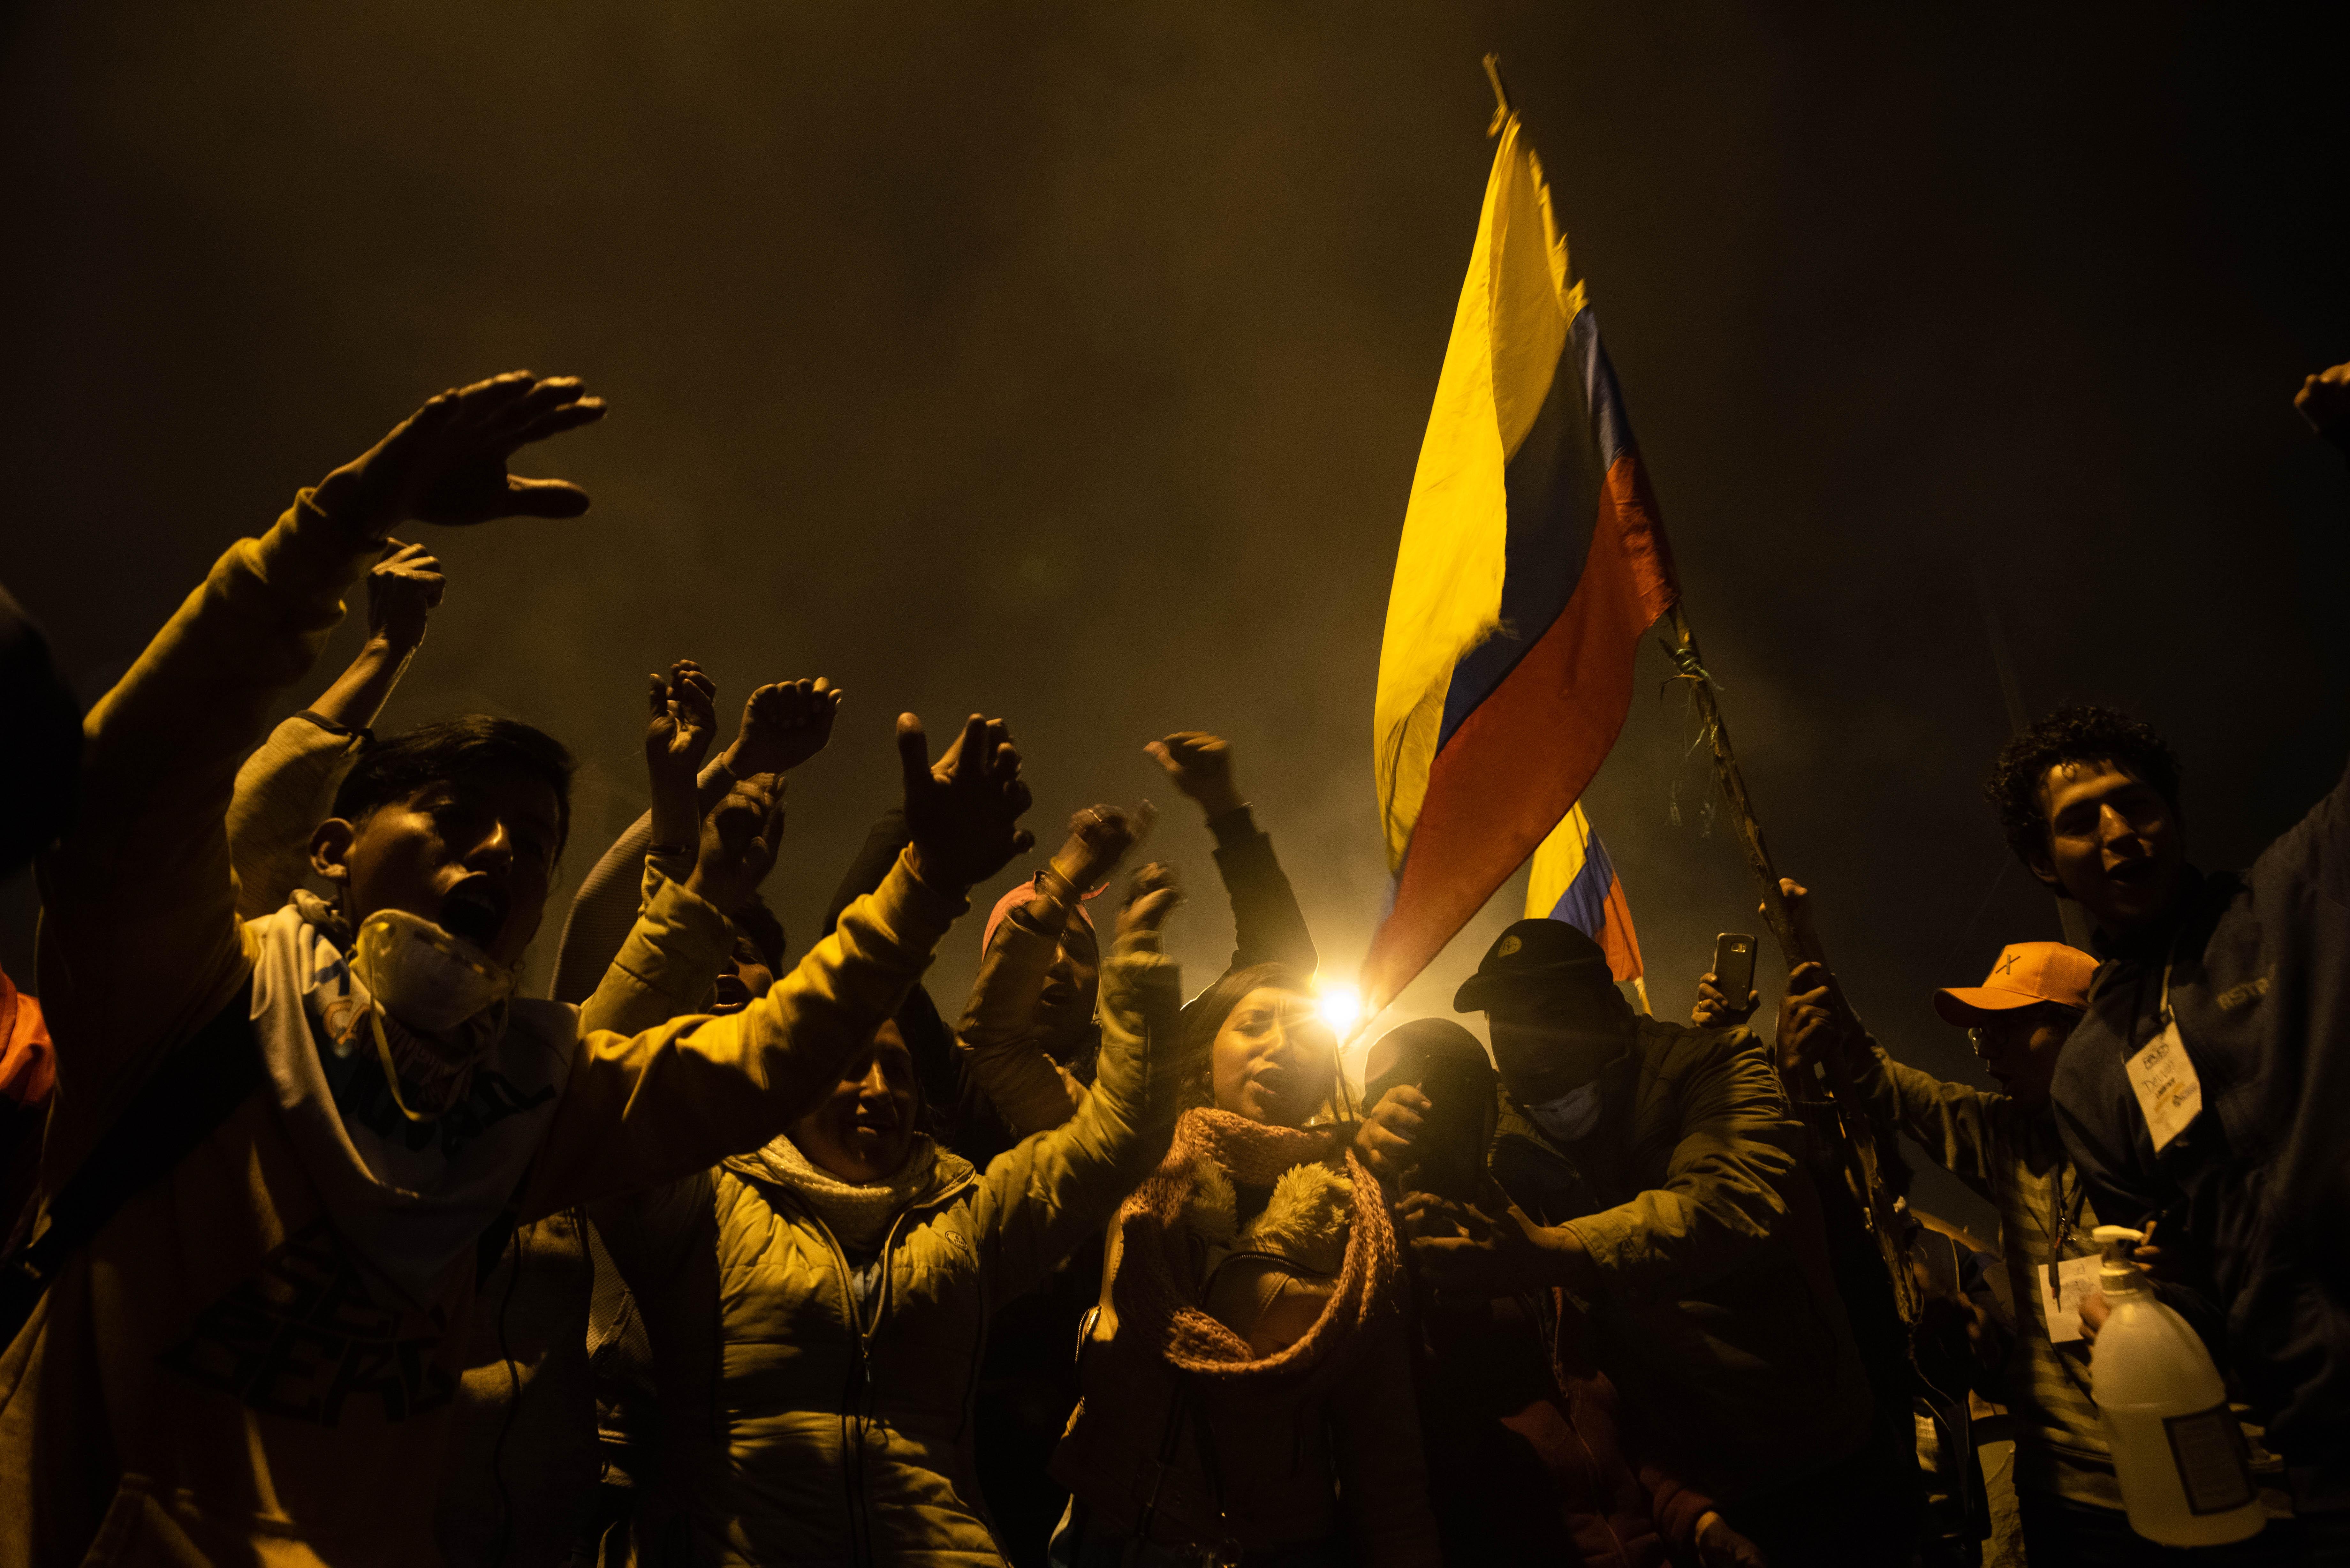 Miles de personas salieron a juntarse en las calles de Quito en pleno toque de queda para festejar que el presidente ecuatoriano llegara un acuerdo con Conaie y derogará el decreto 883.